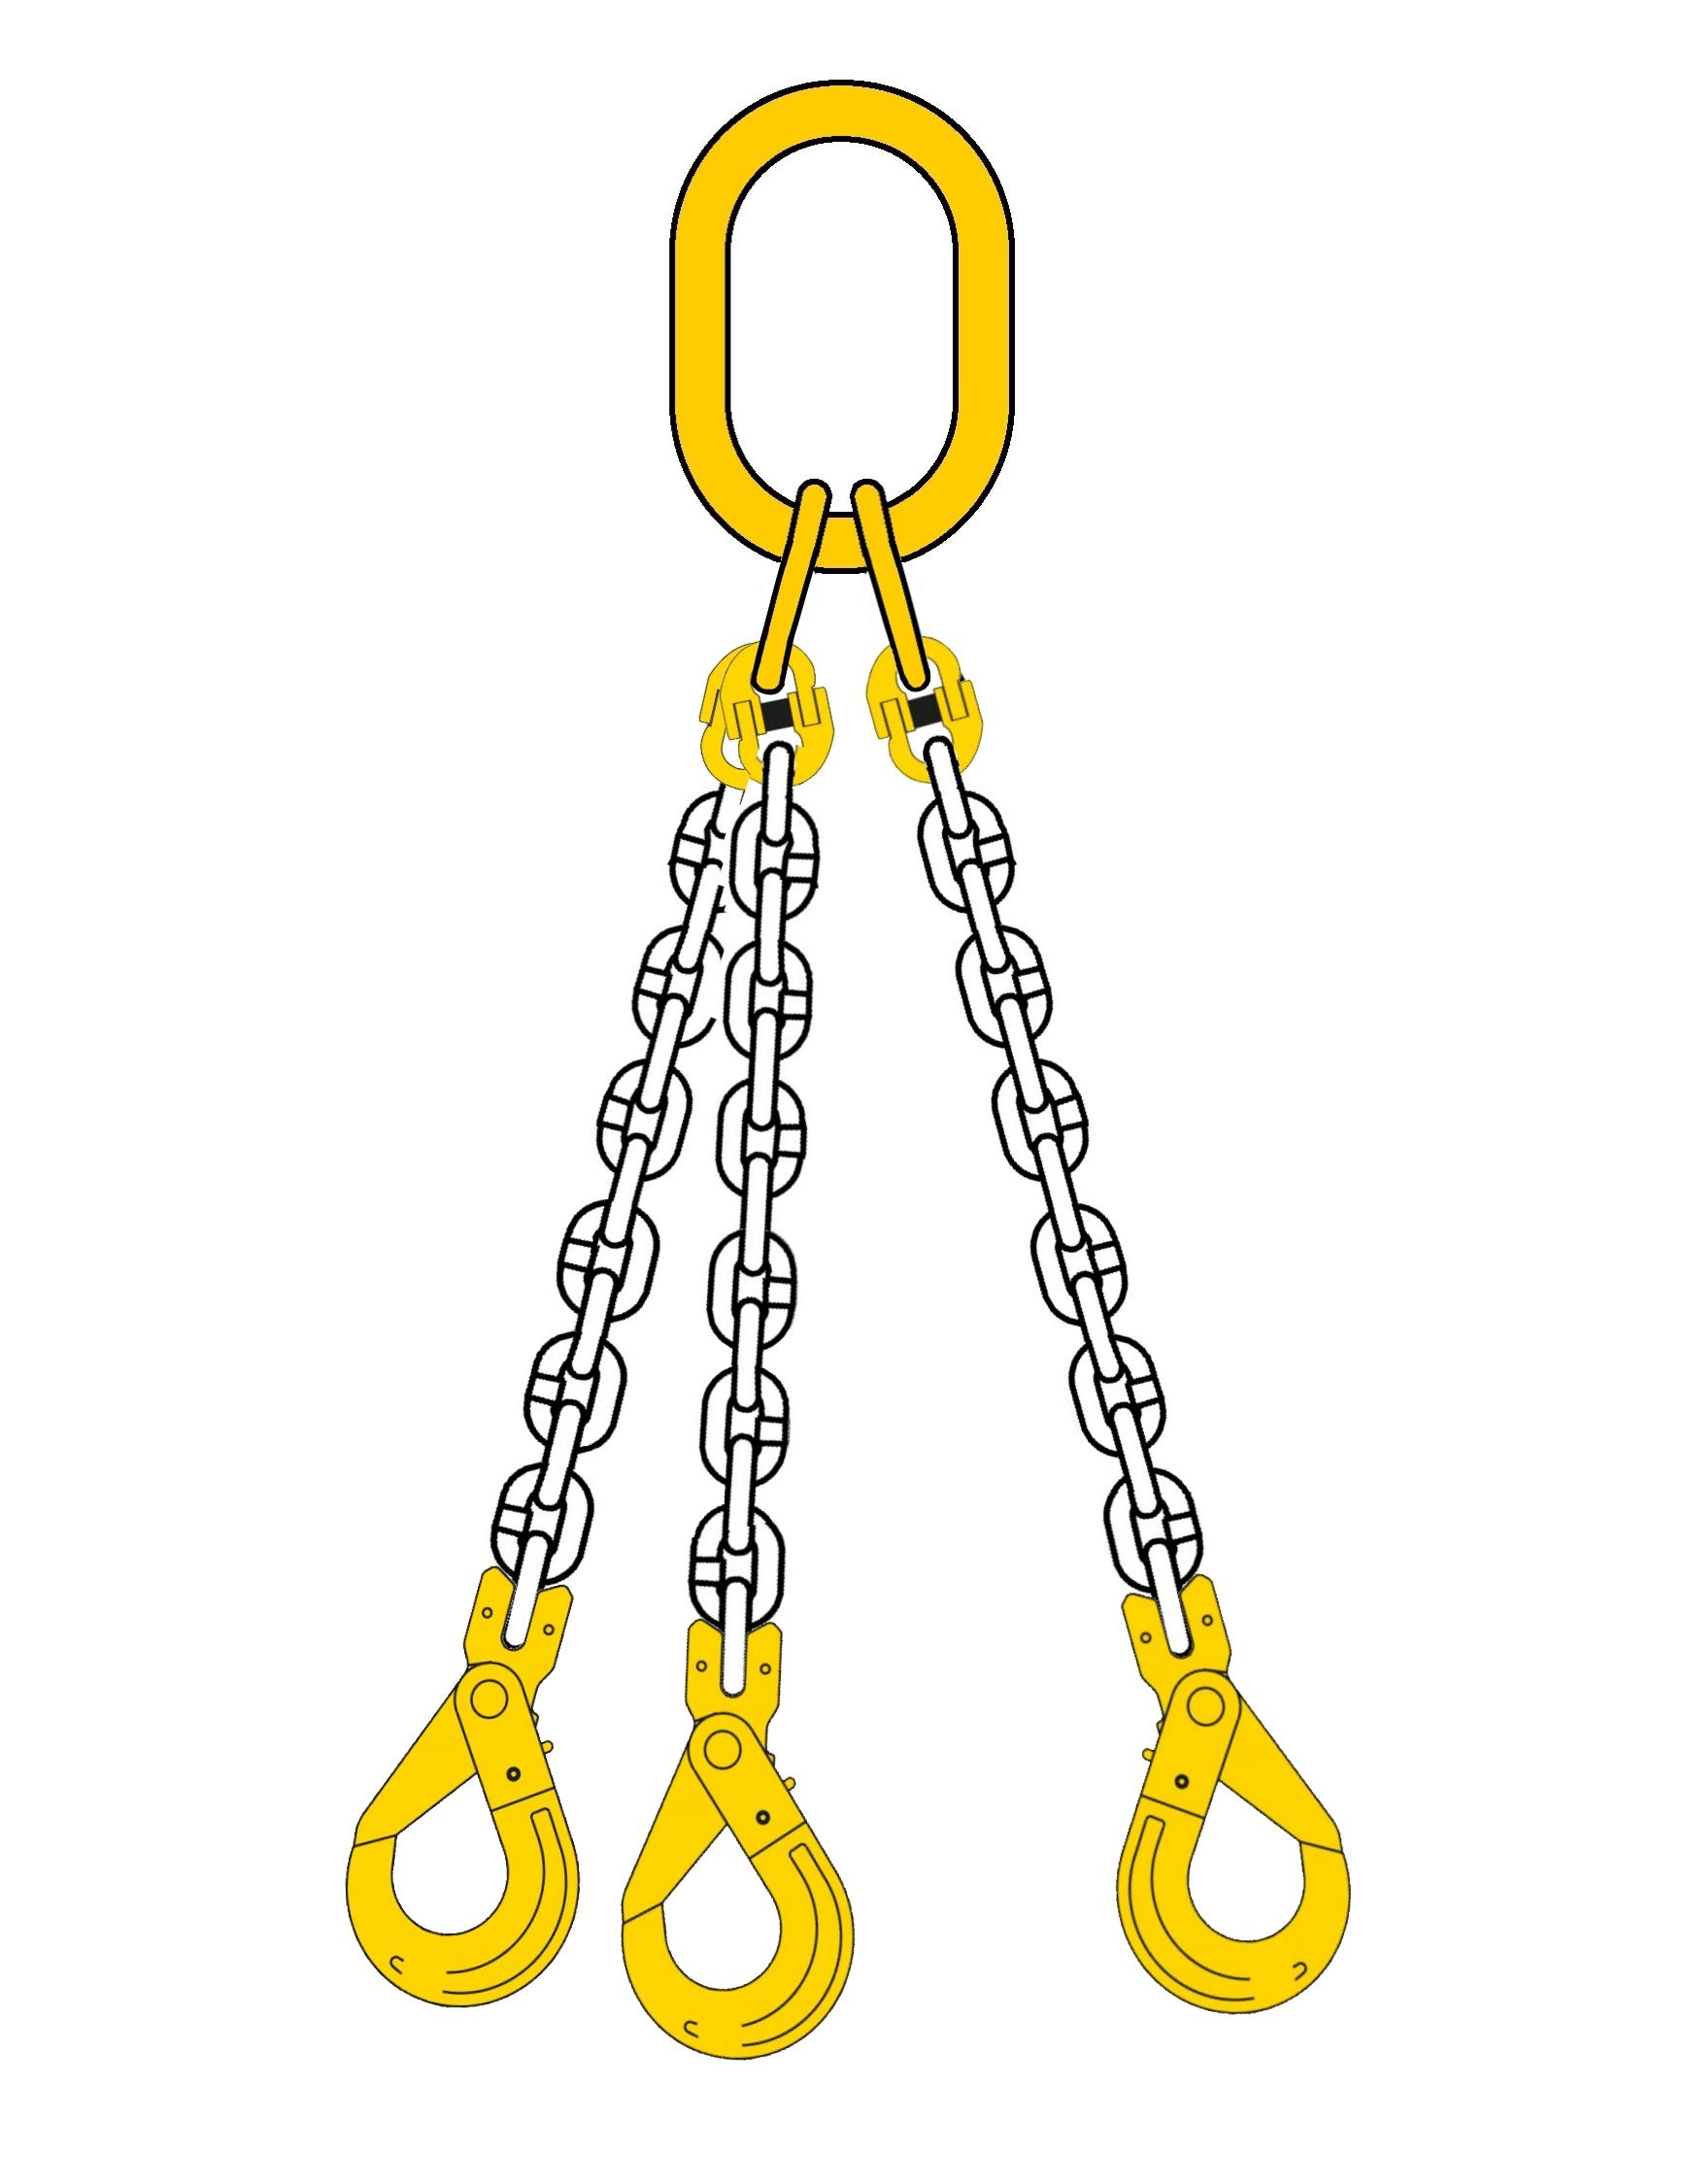 Lyftkätting 2,36 ton, klass 8, 6 mm, 3-part, säkerhetskrok-gaffel